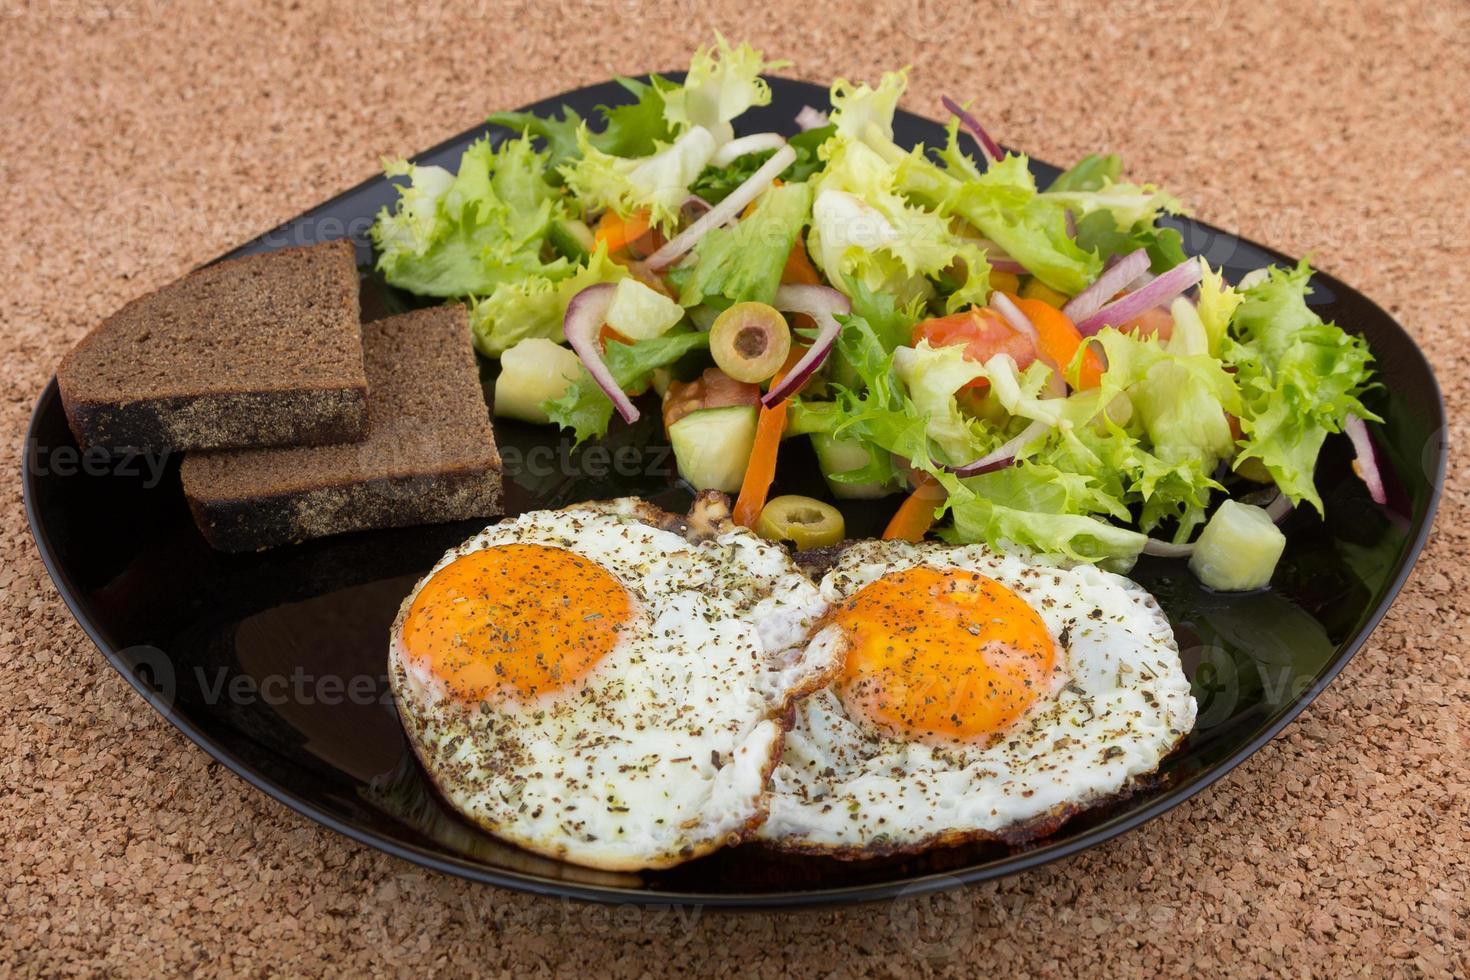 gebakken eieren met verse salade en brood foto